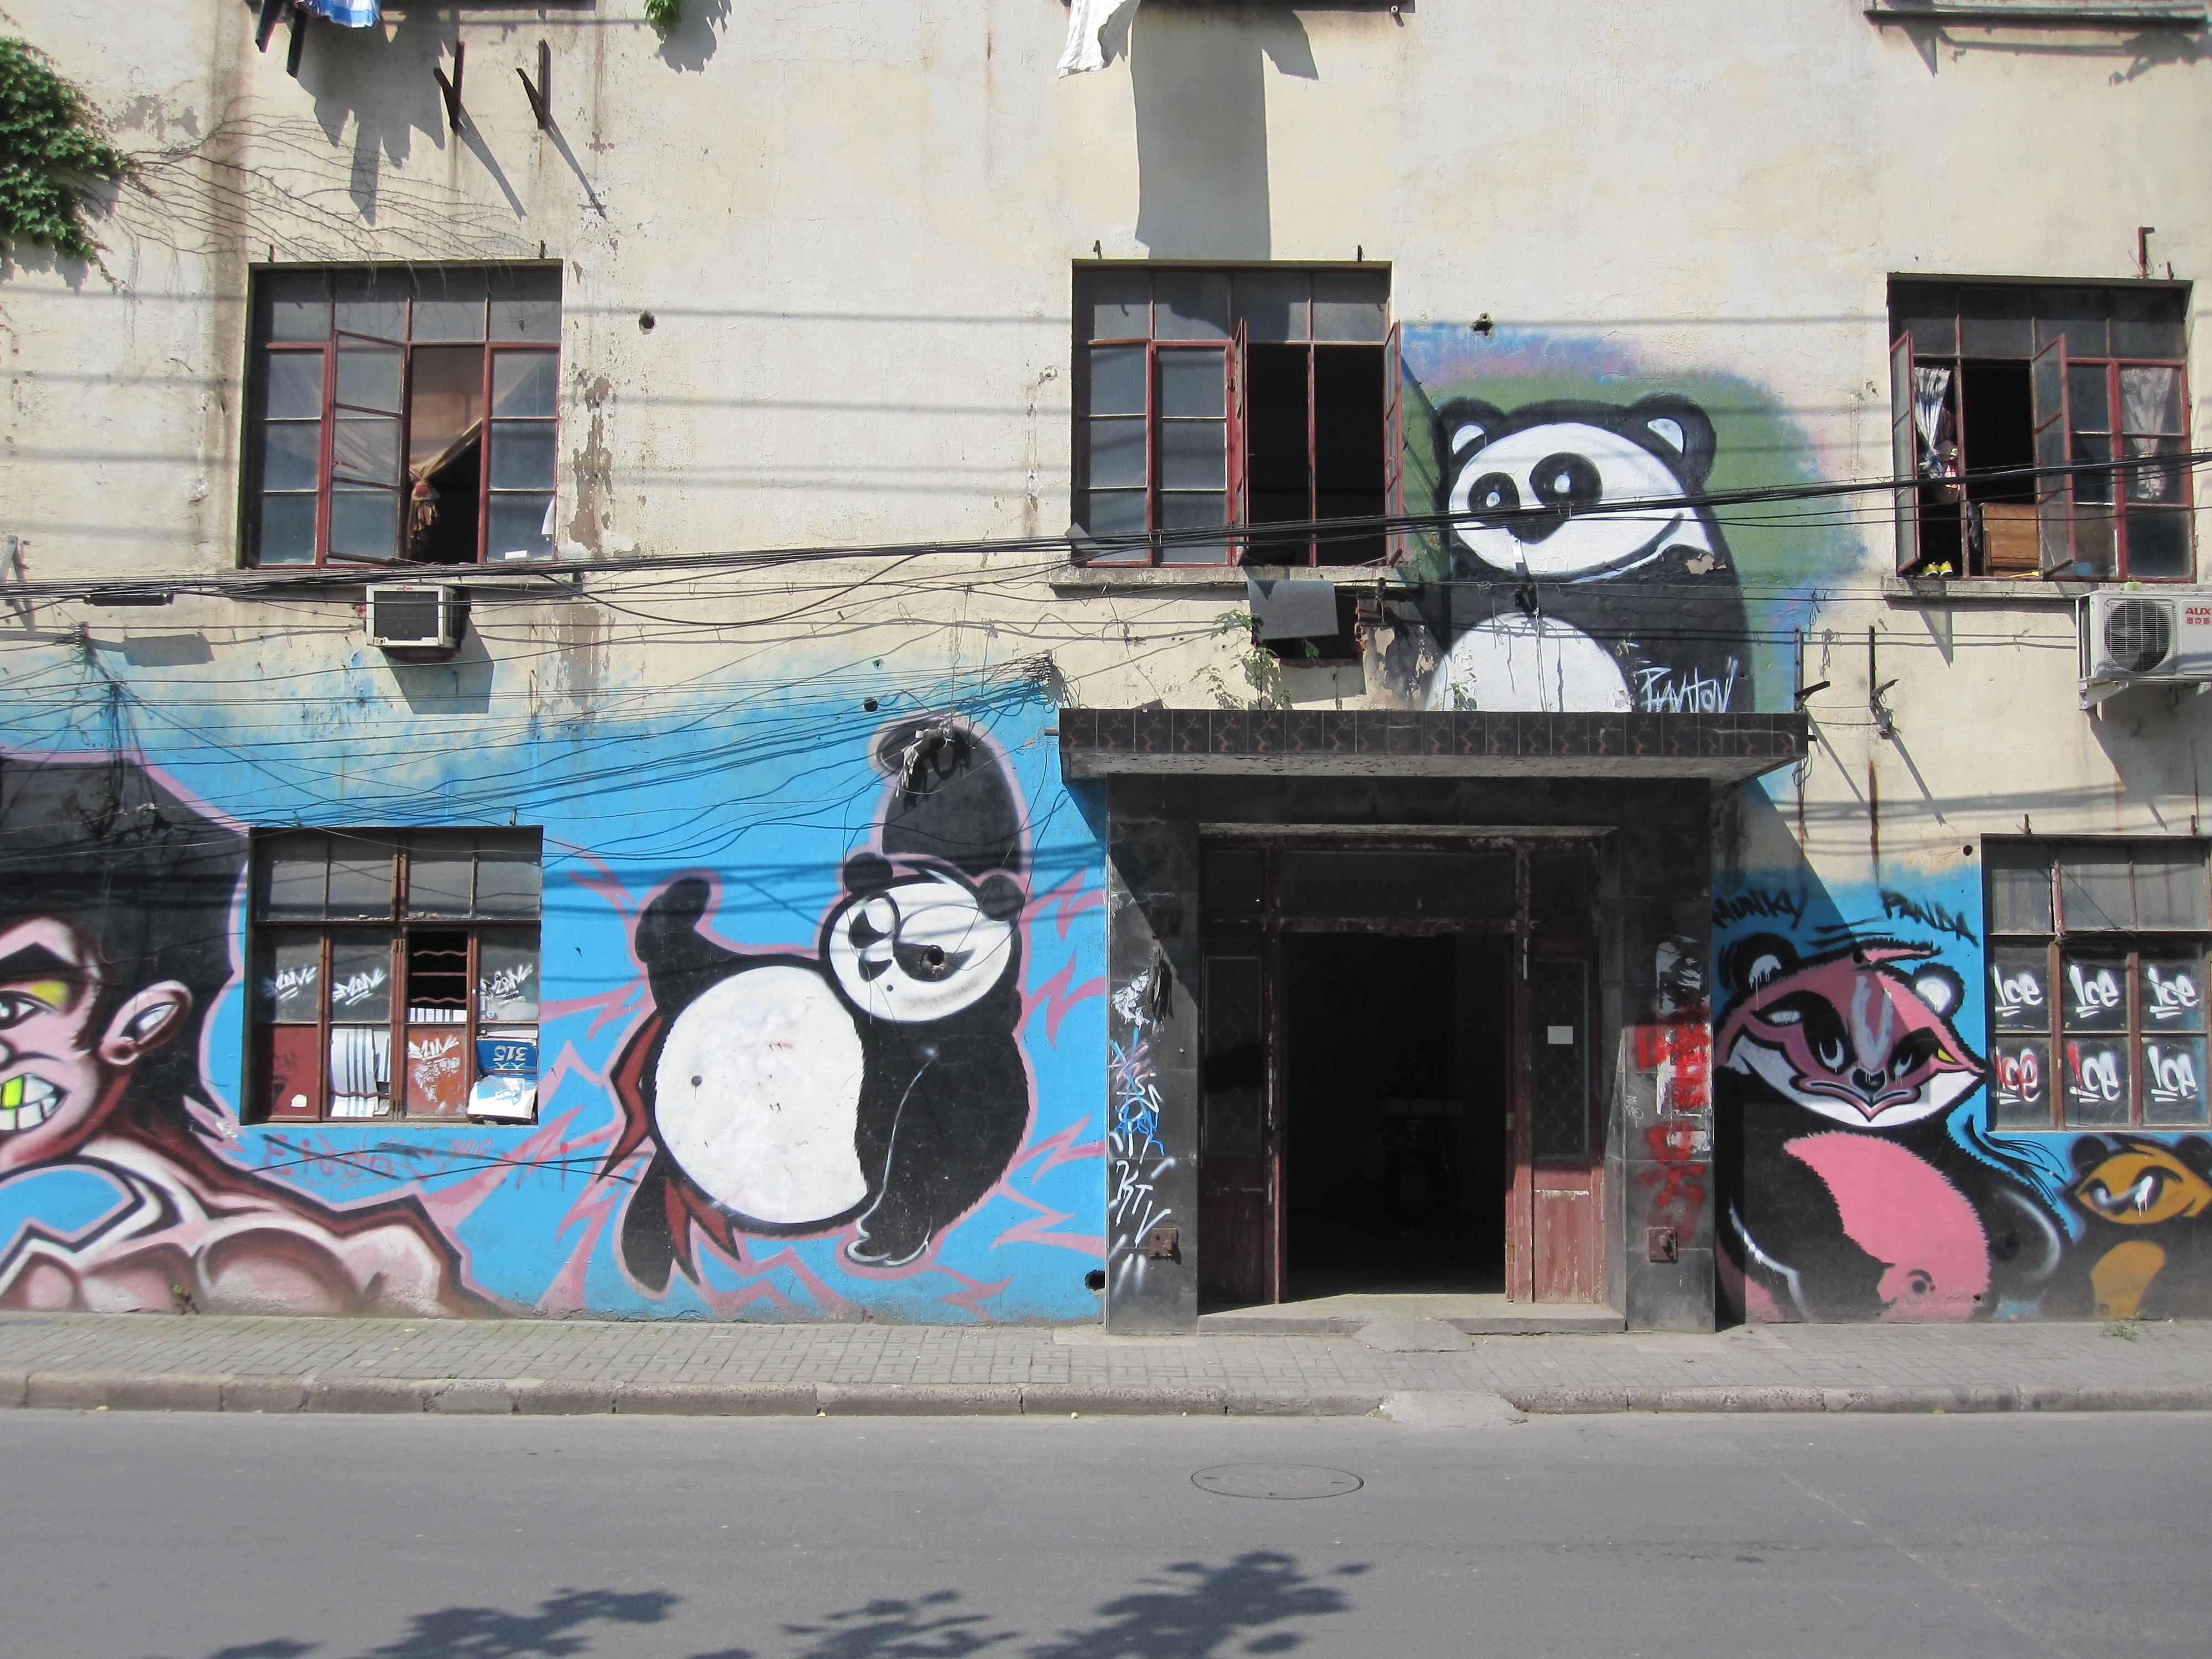 oud fabrieksgebouw dichtbij M50 Creative Zone te Shanghai - wachtend op nieuwe bestemming